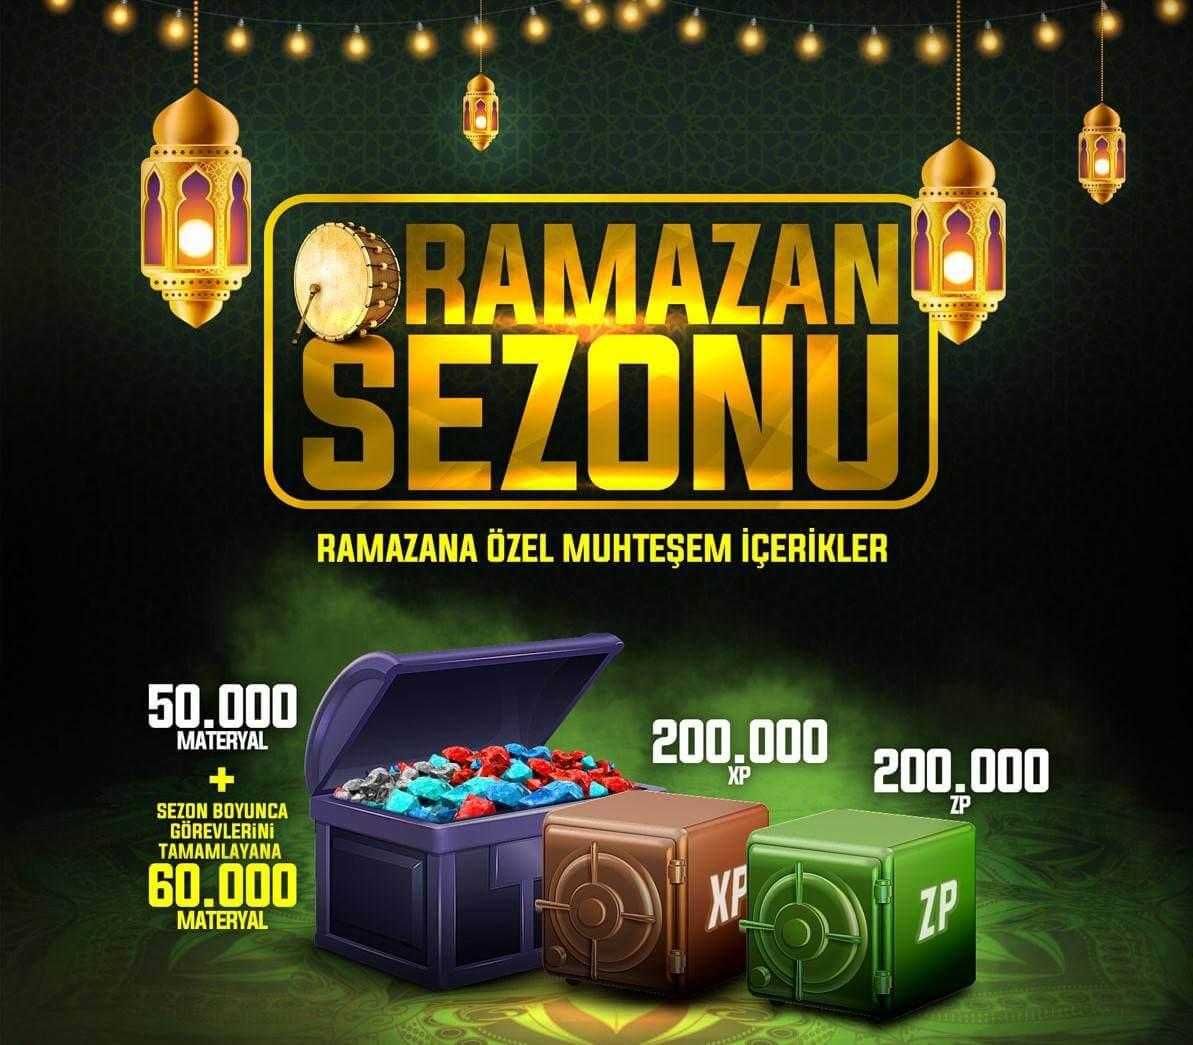 Ramazan Sezonu